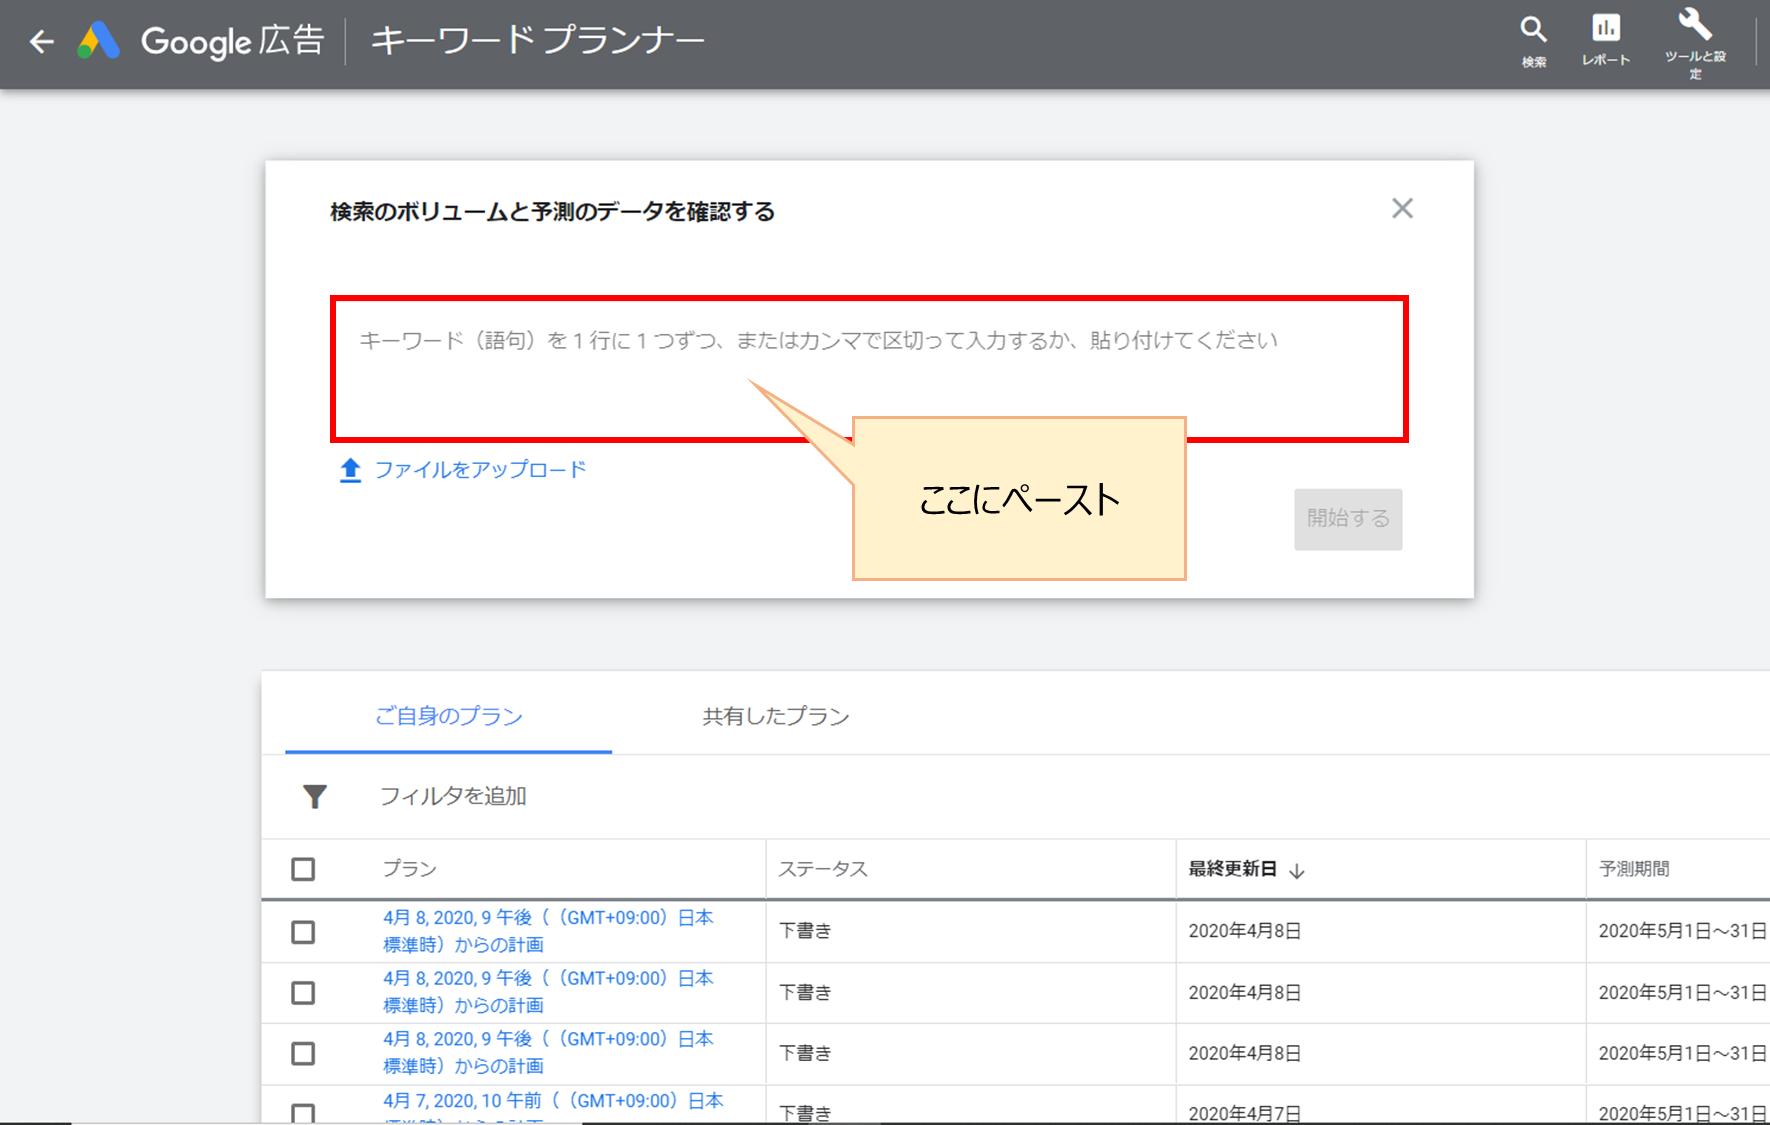 キーワードプランナー検索